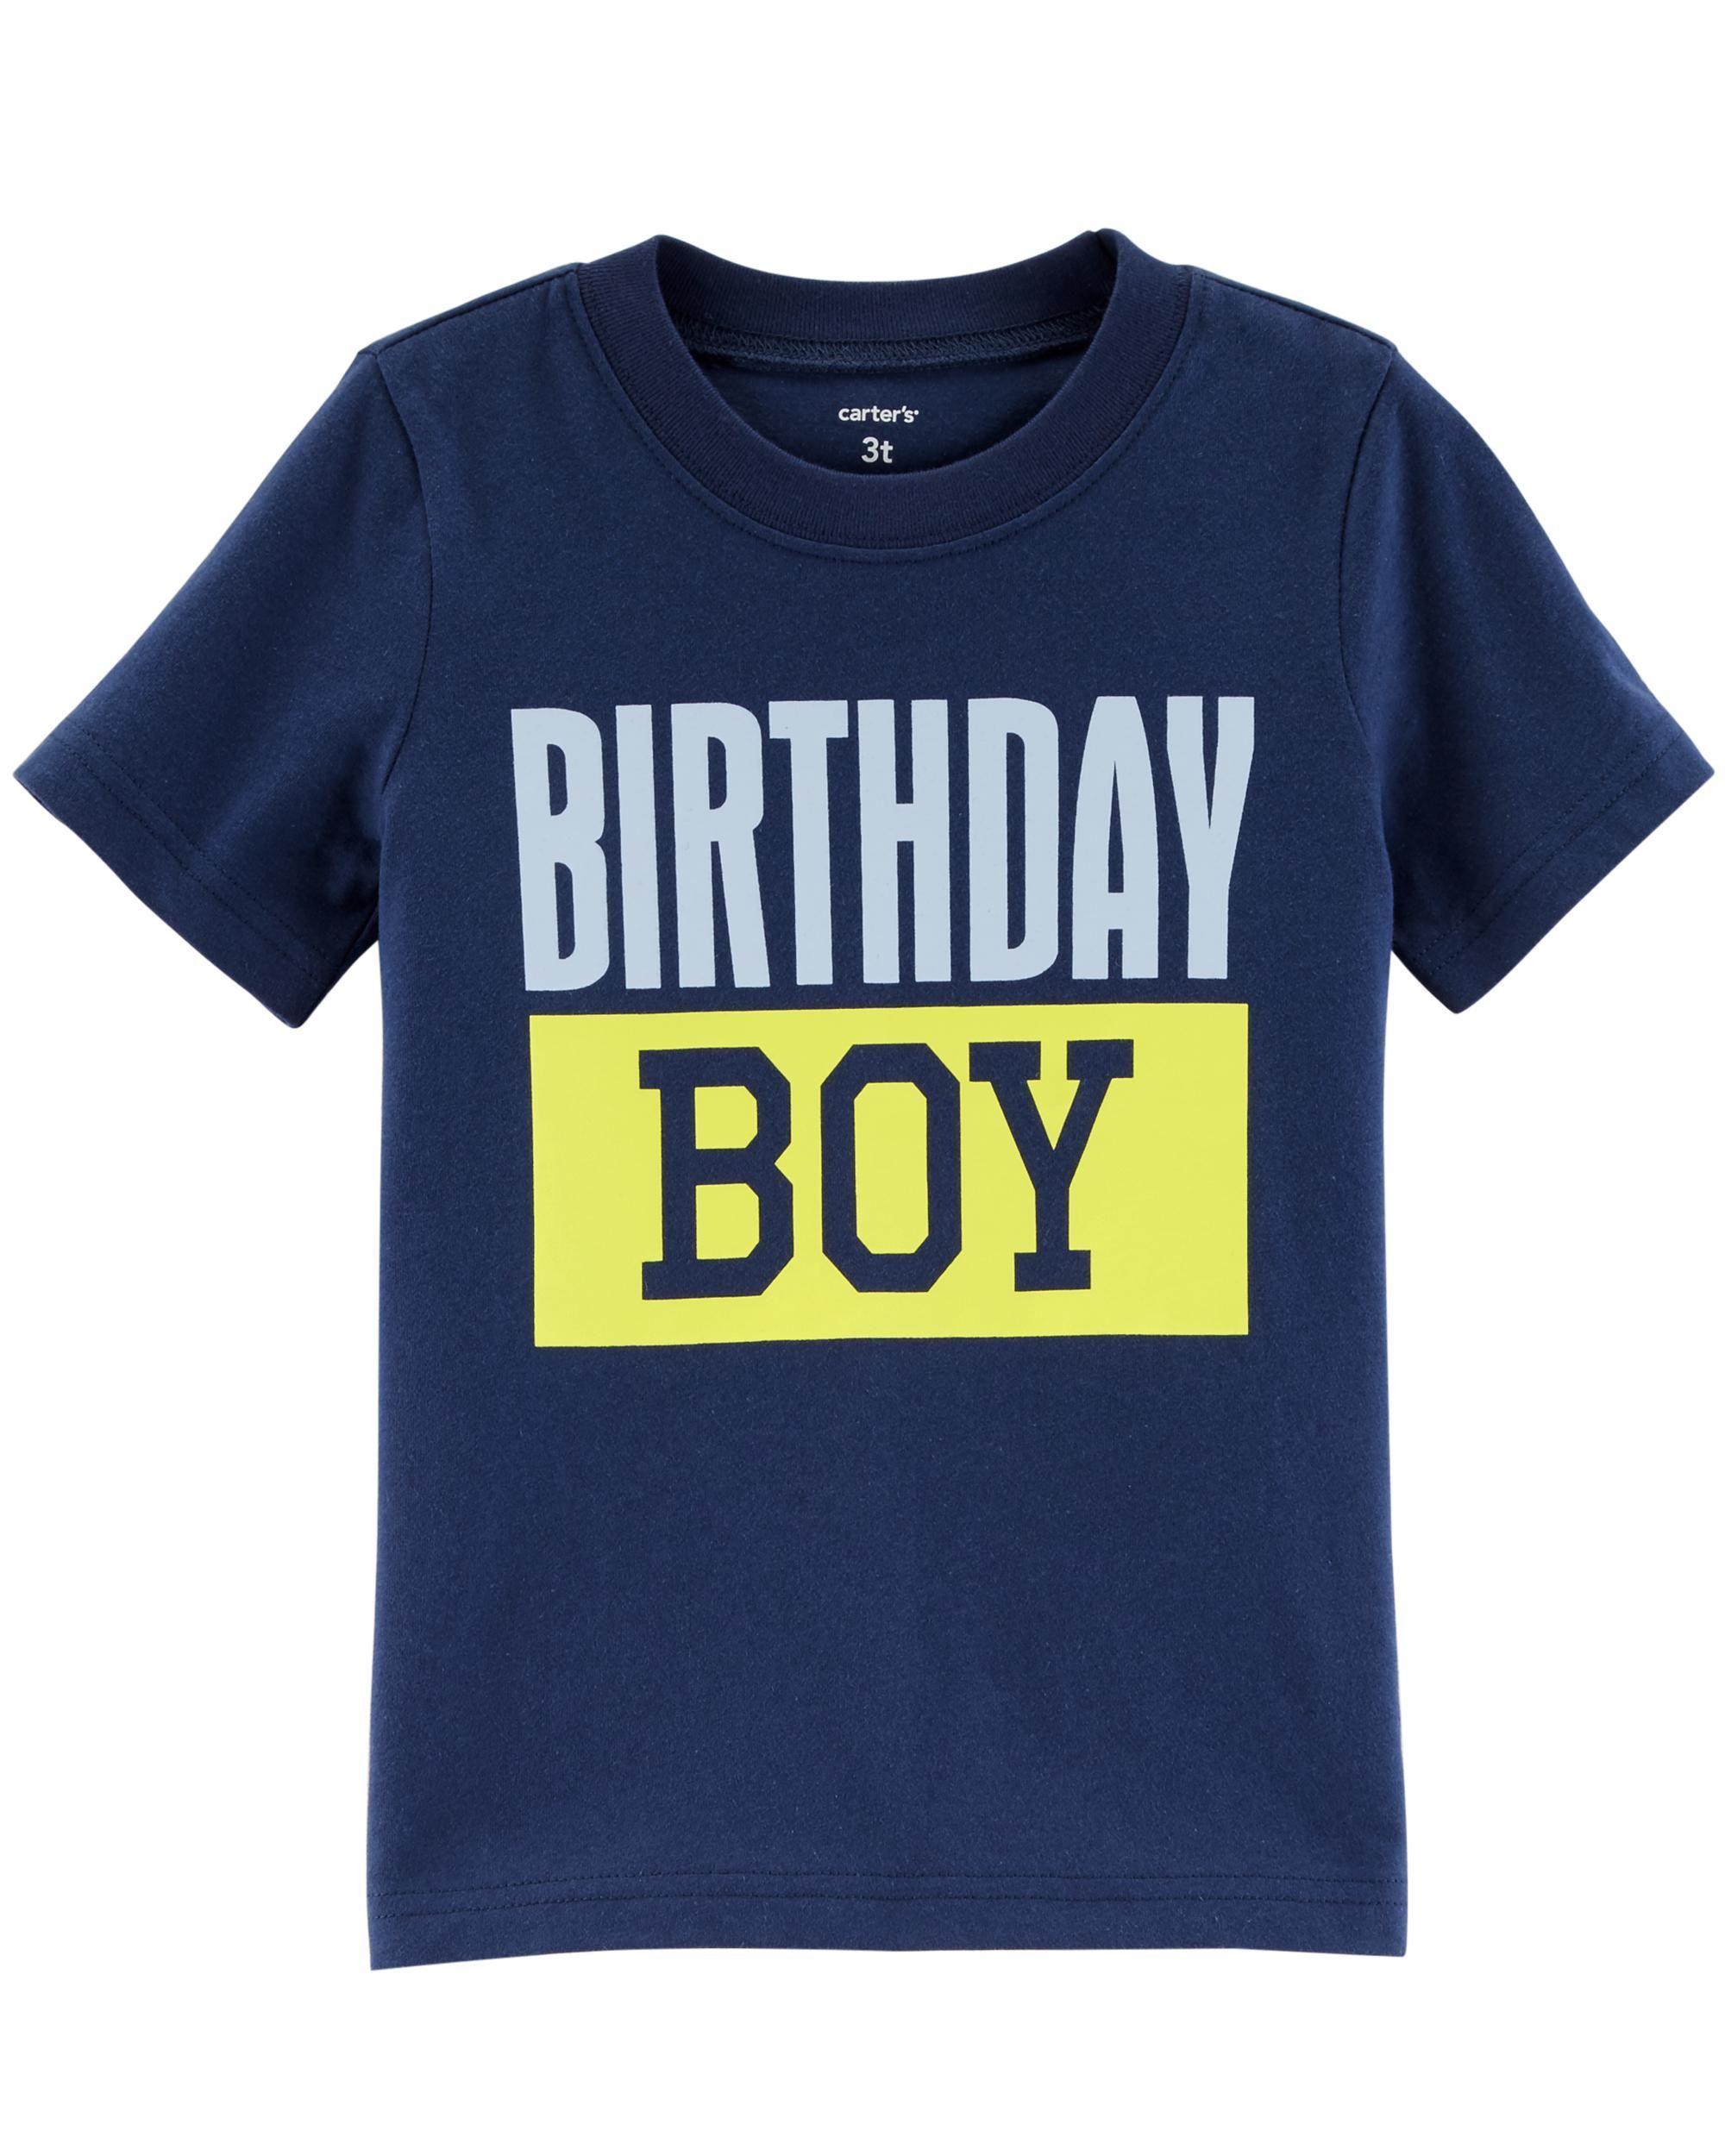 Birthday Boy Jersey Tee Kids Birthday Shirts Boy Birthday Baby Boy Shorts